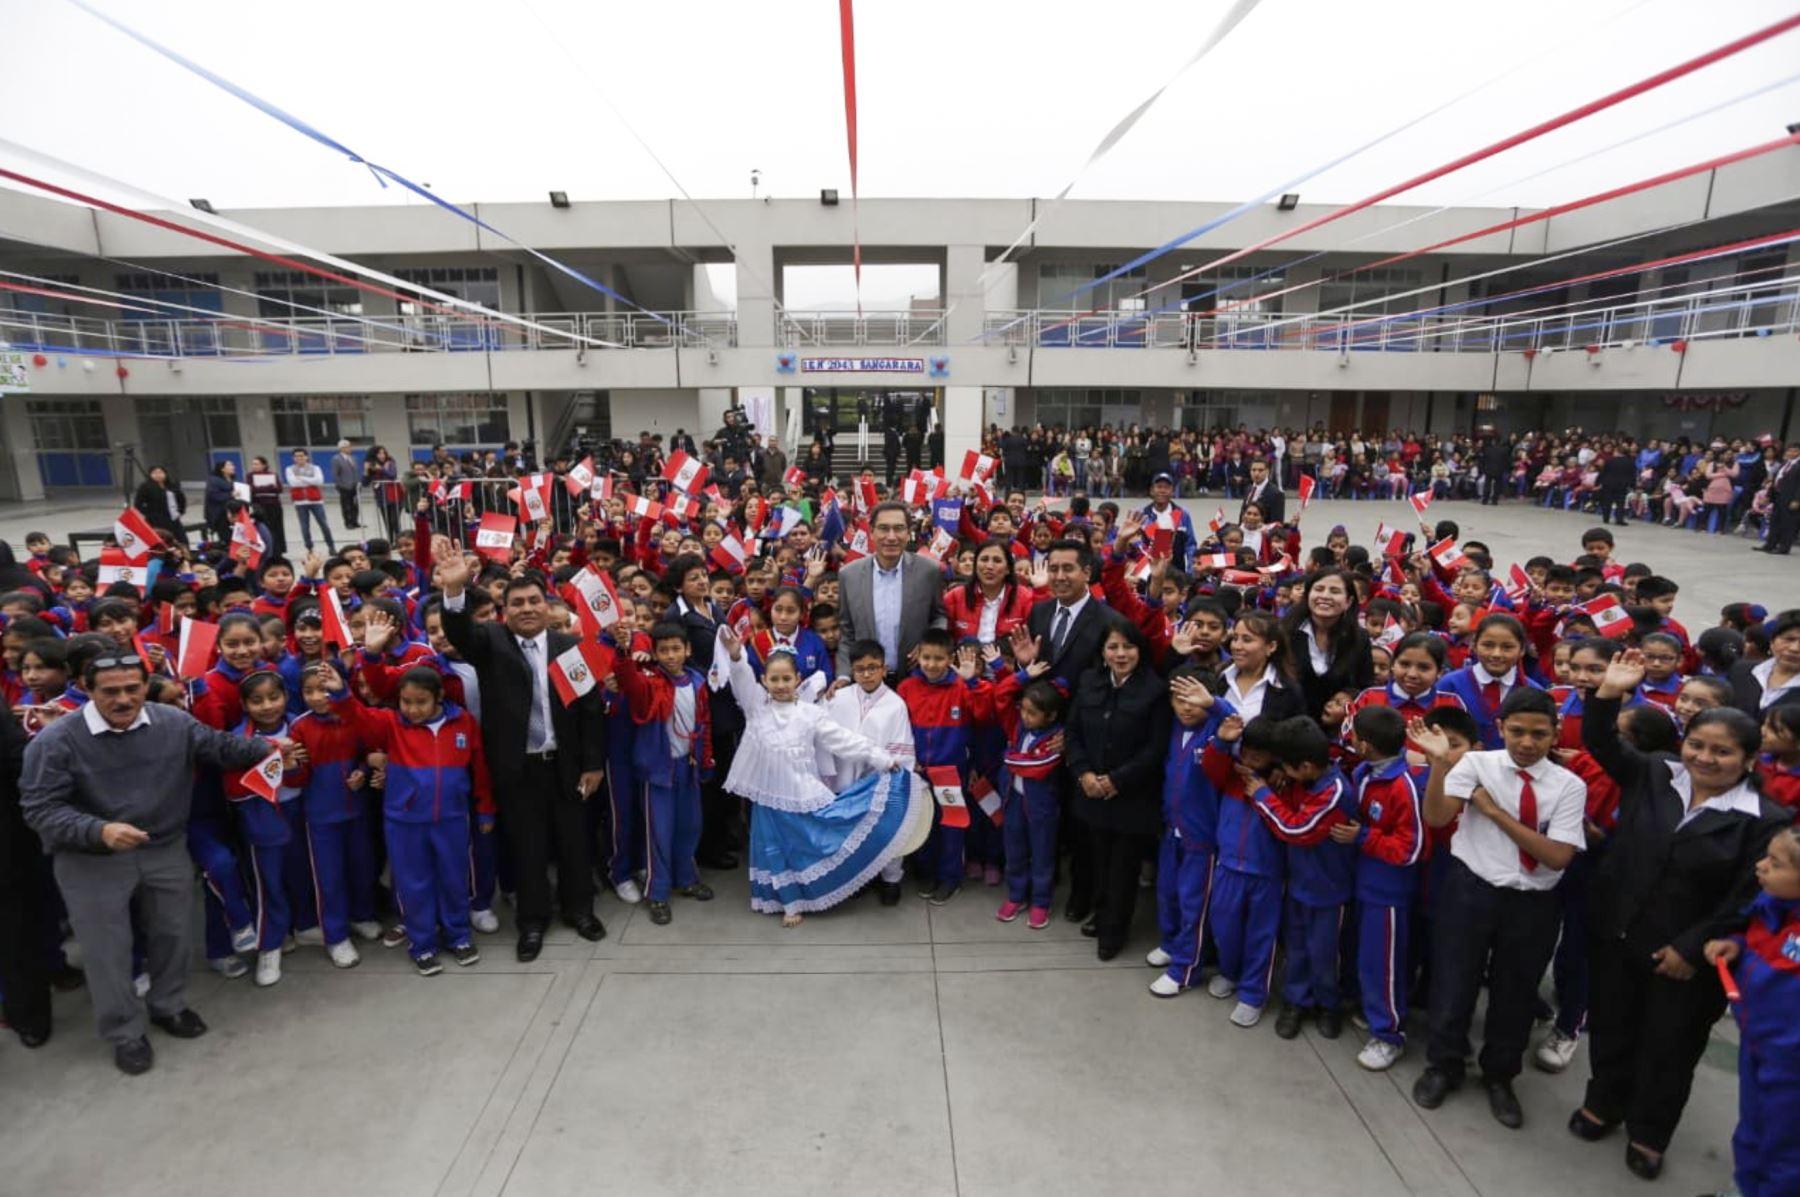 Presidente Martín Vizcarra inaugura en el distrito de Comas las obras de mejoramiento de la institución educativa Sangarará, acompañado de la ministra de Educación. Foto: ANDINA/ Prensa Presidencia